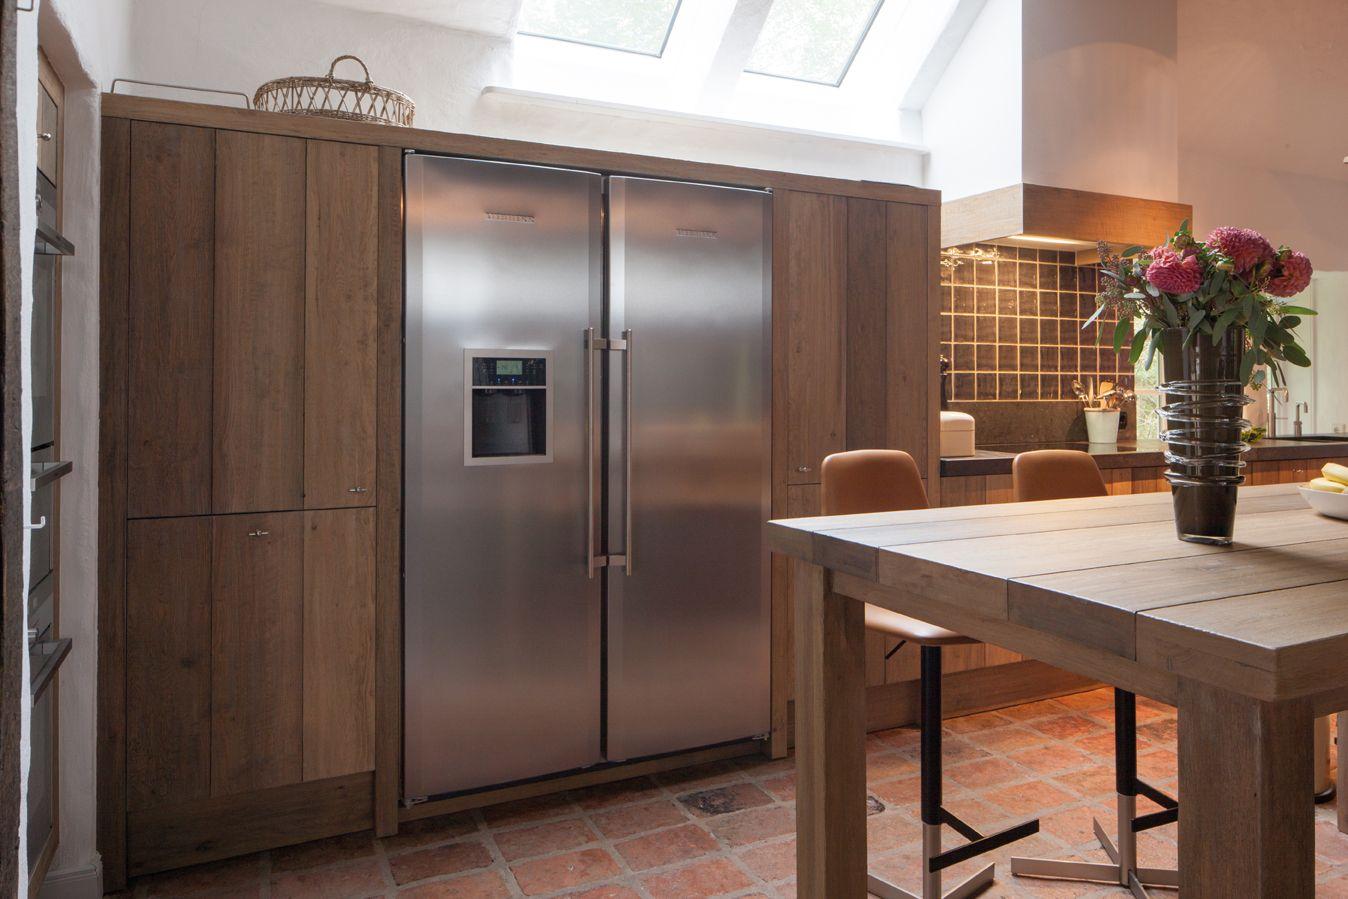 Amerikaanse koelkast in houten keuken google zoeken keukens pinterest tes om and van - Moderne amerikaanse keuken ...